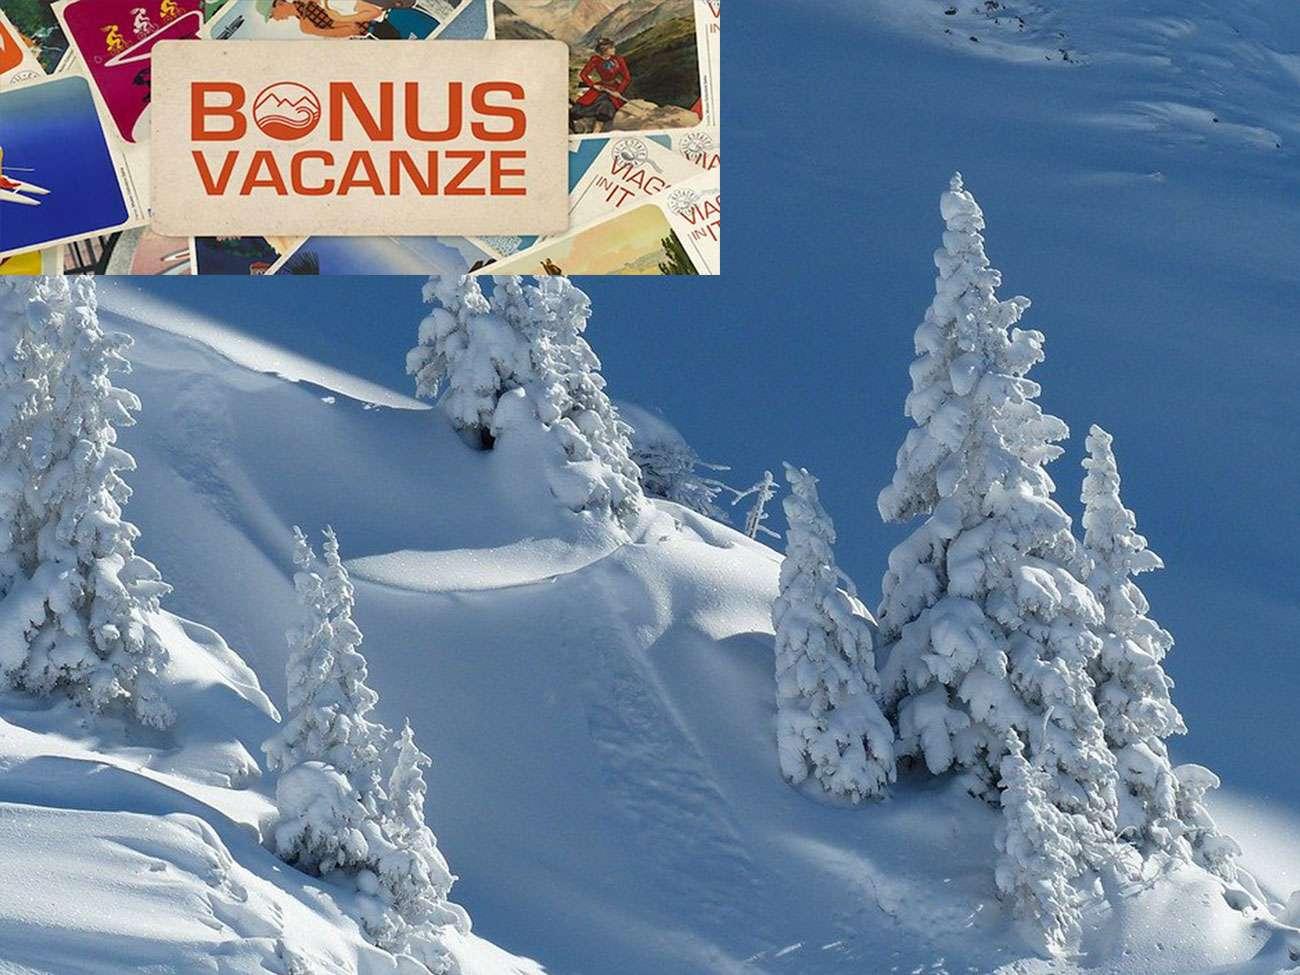 bonus-vacanze-3_1300x975